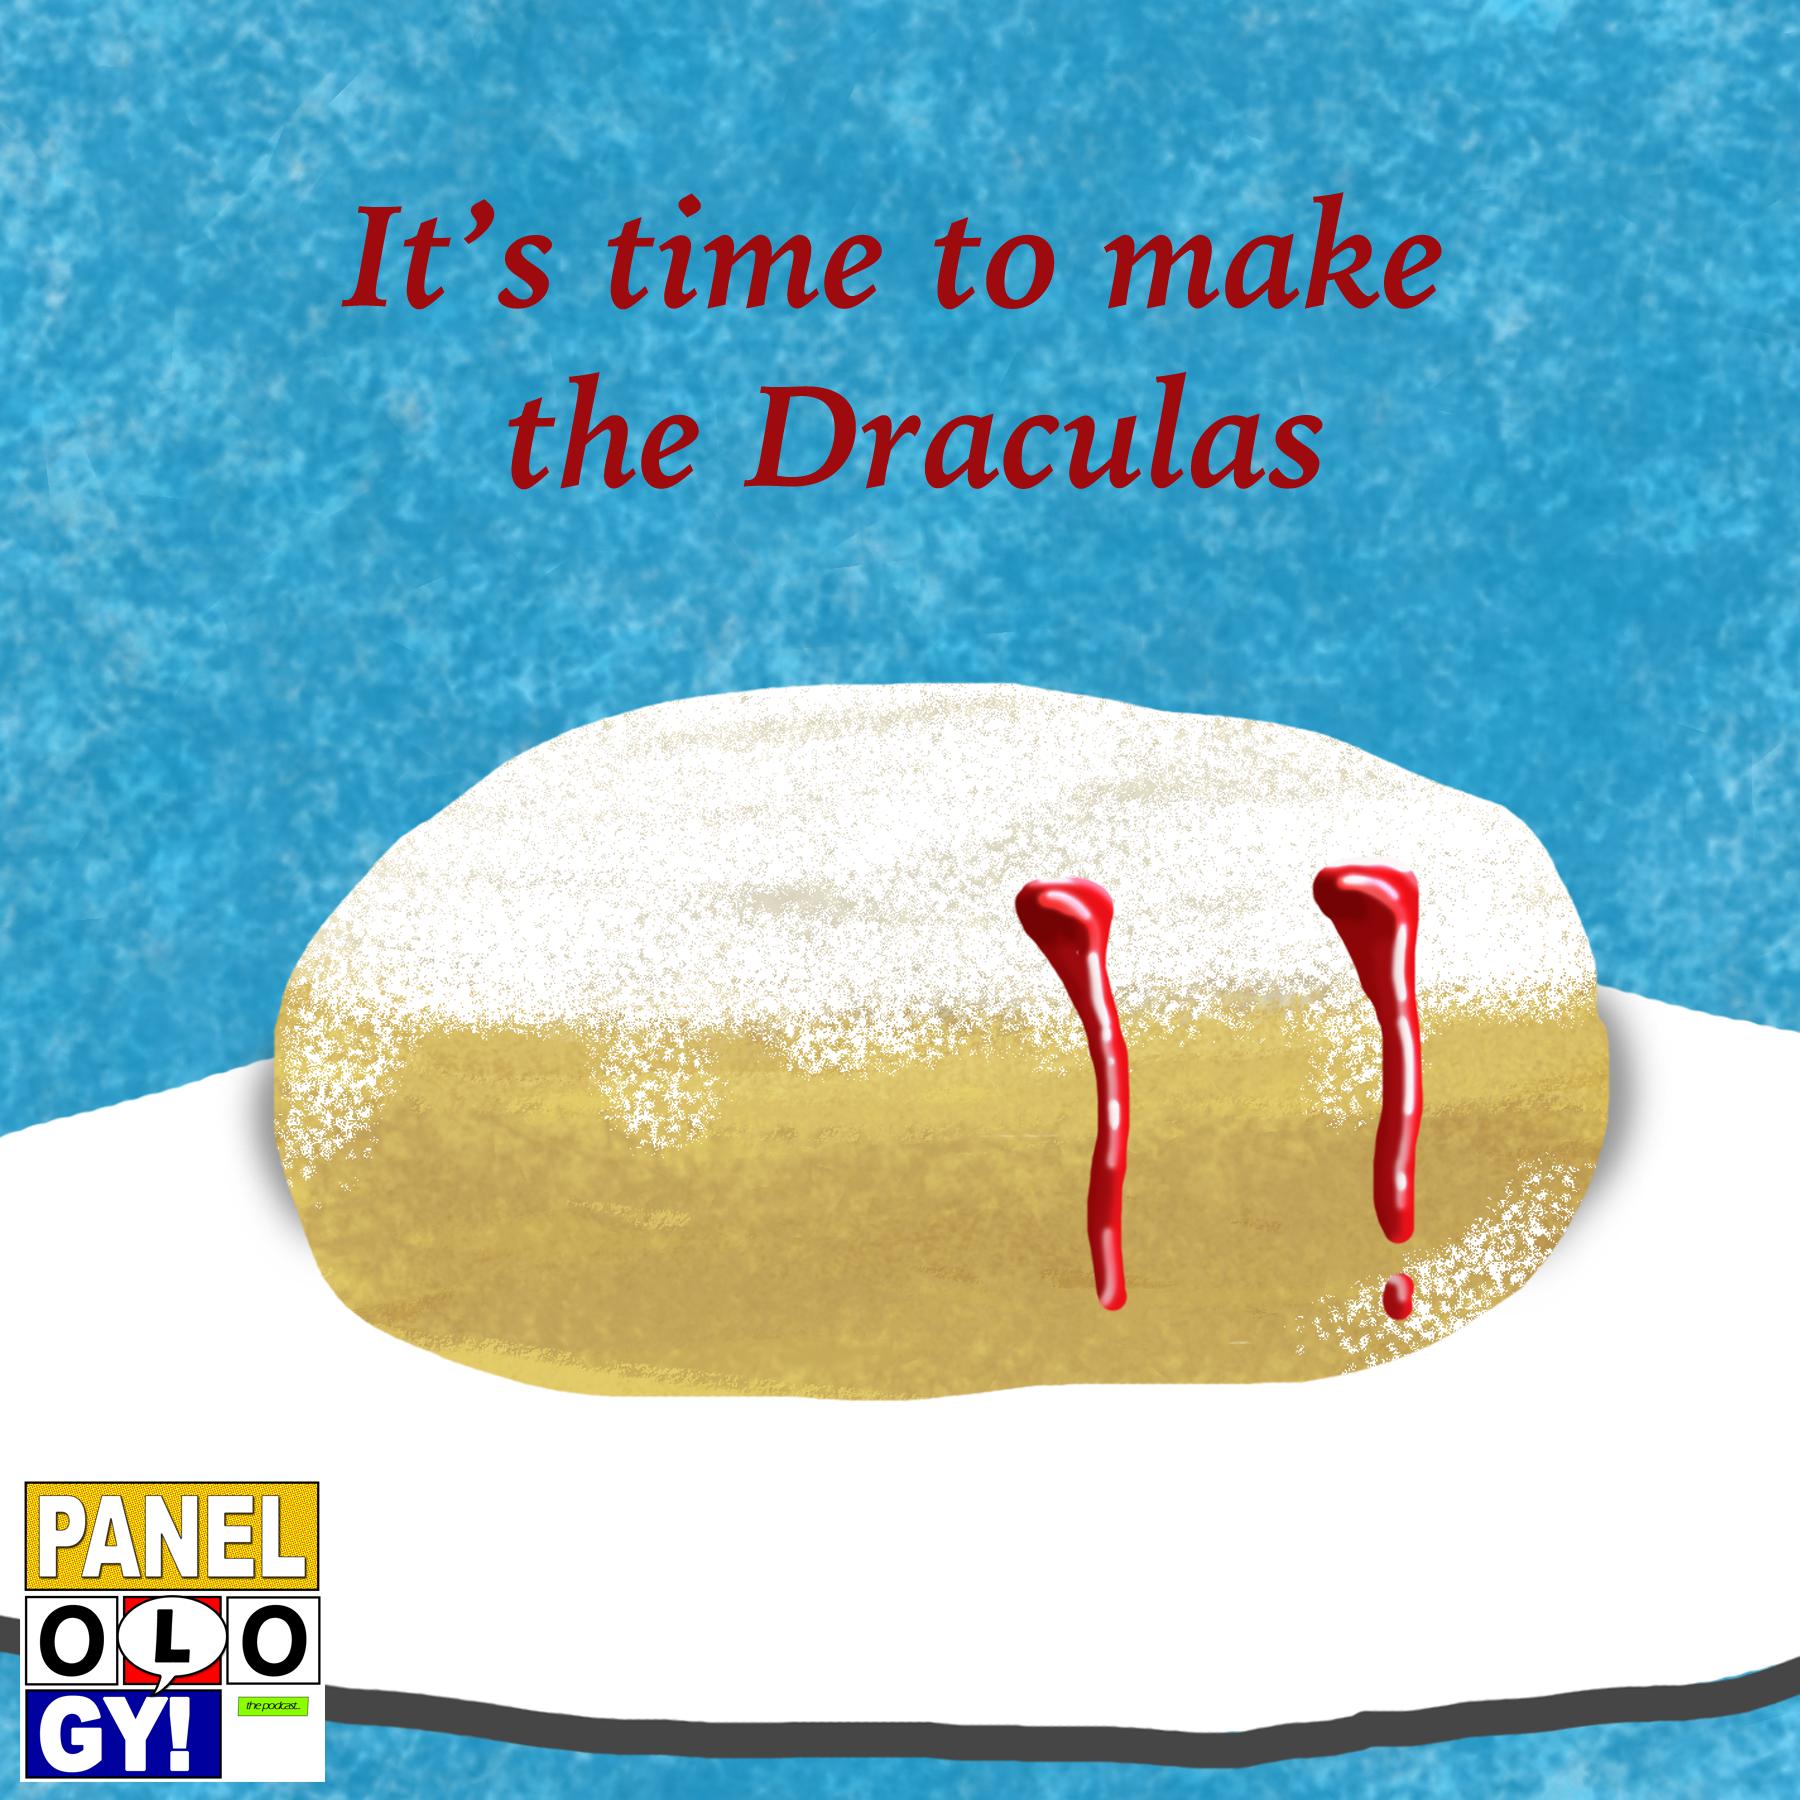 Draculas-3.png